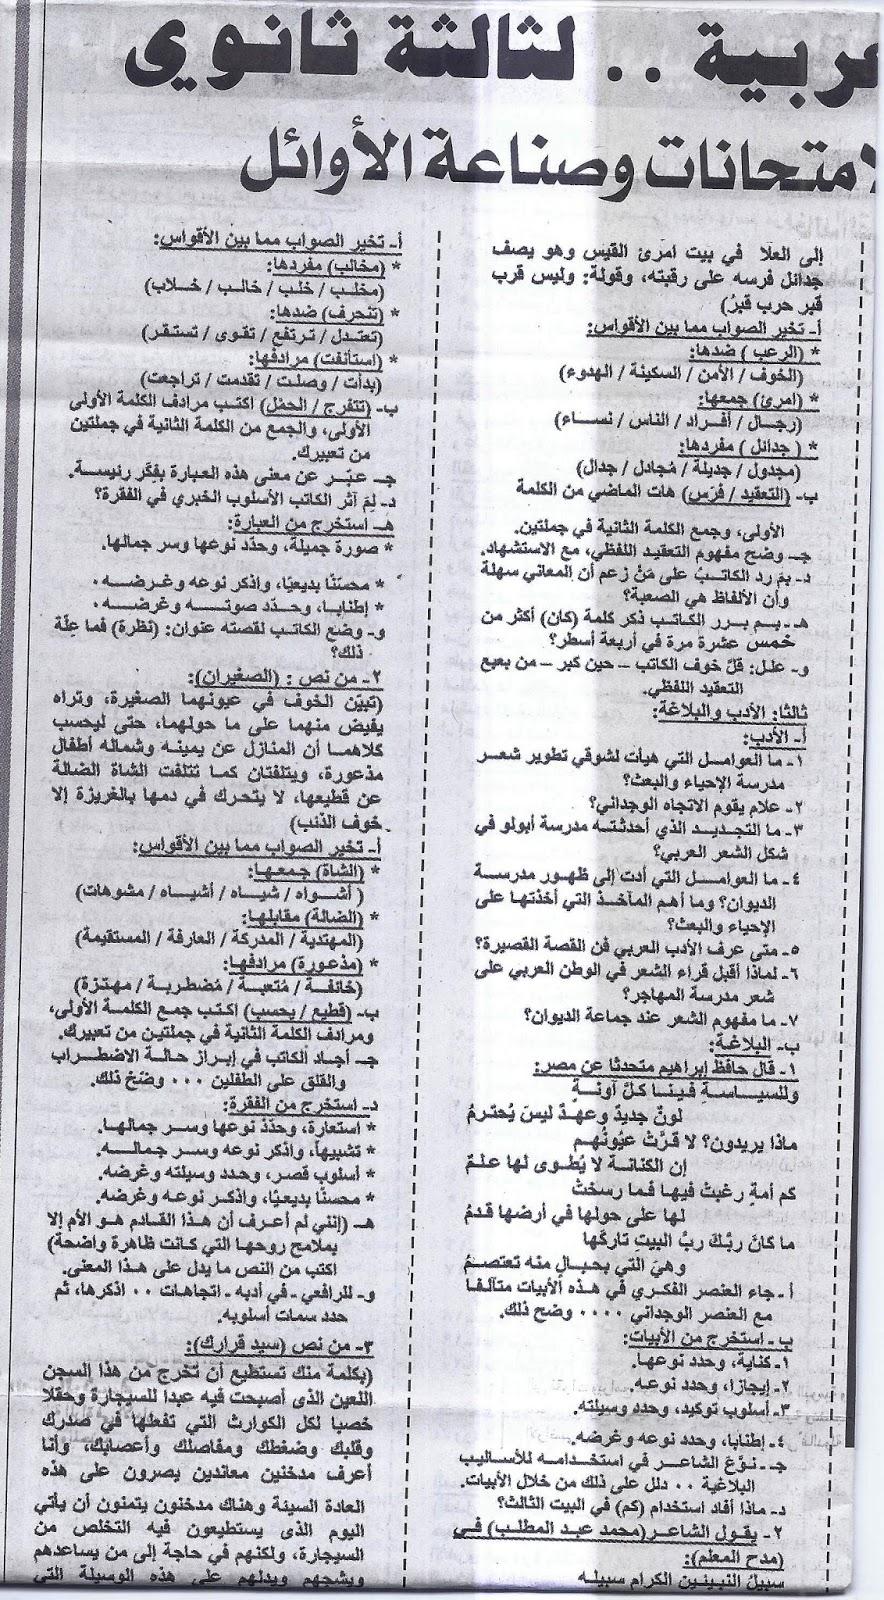 ملحق الجمهورية .. ينشر المراجعة الاخيرة لغة عربية للثانوية العامة 2016 10